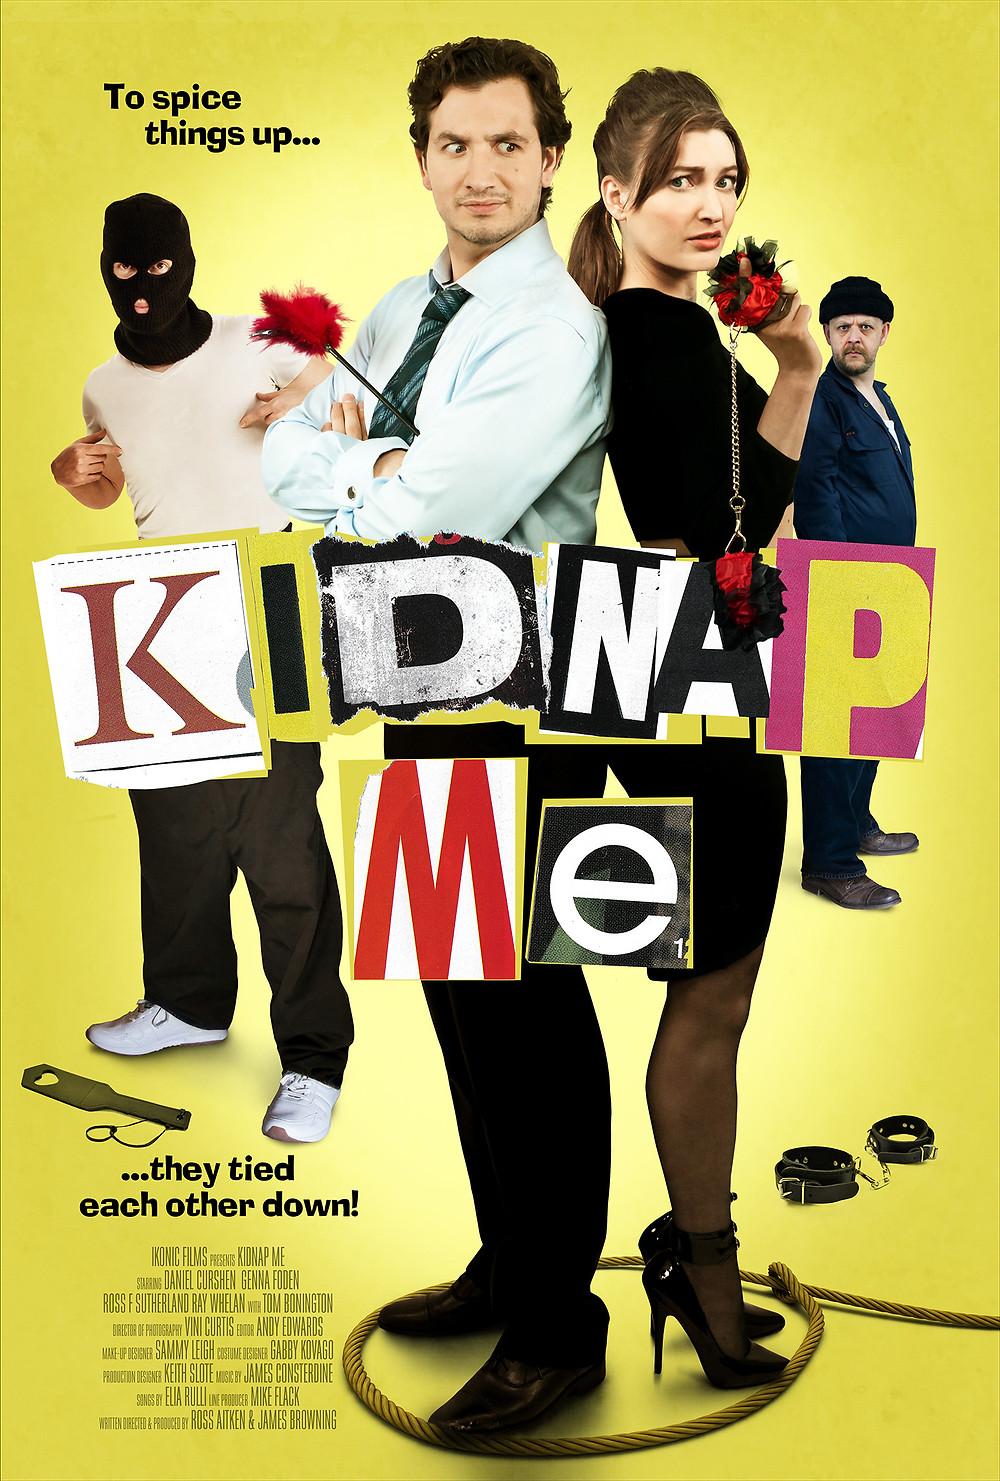 Kidnap Me indie film review